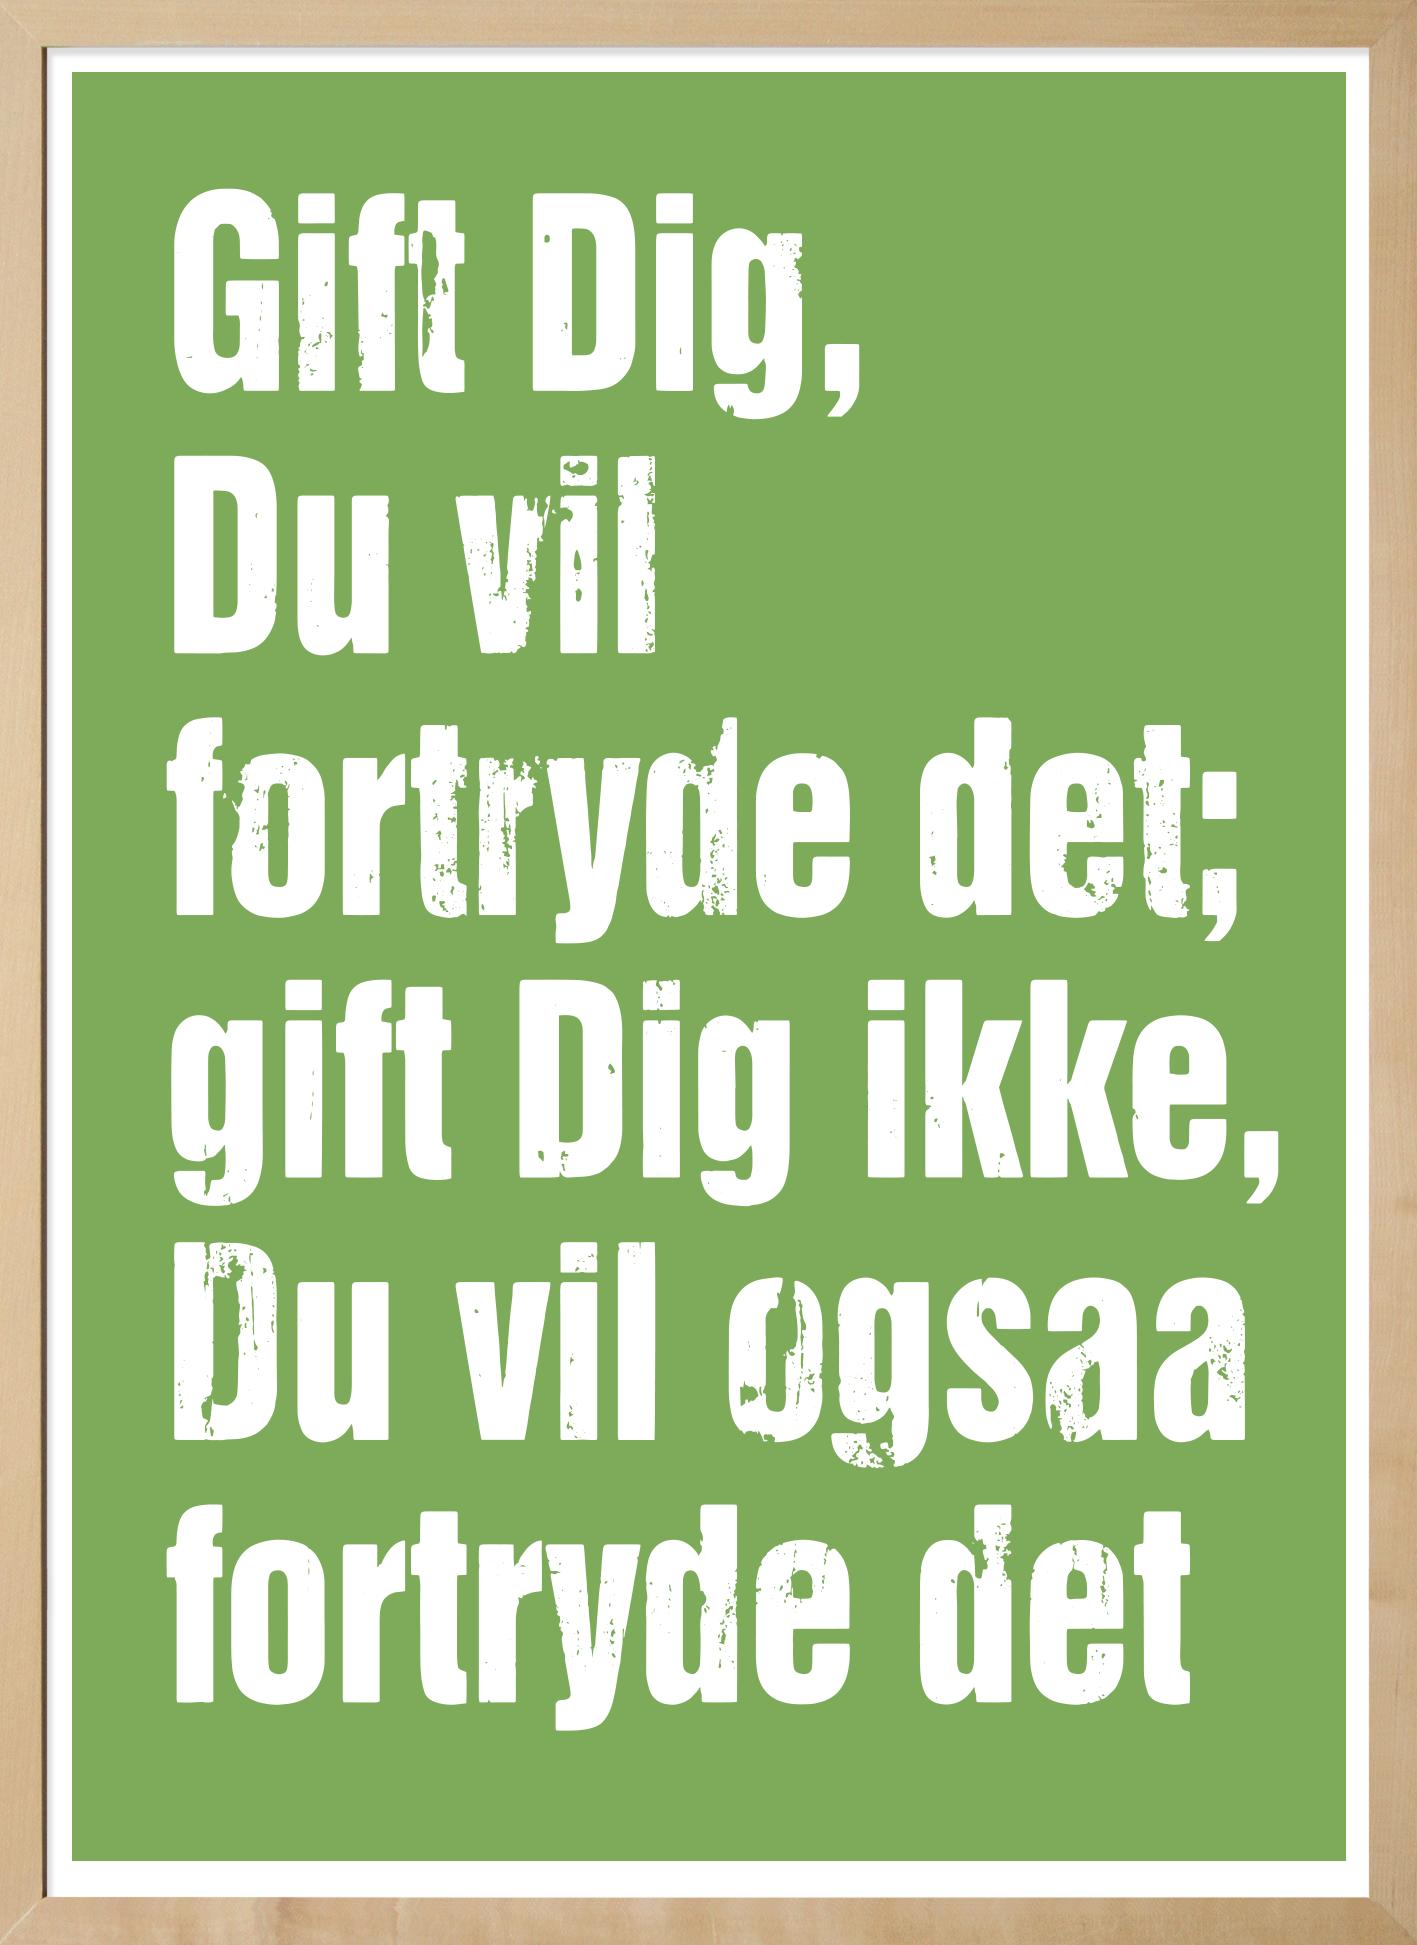 kierkegaard citat Gift dig plakat Citat Soren Kierkegaard kierkegaard citat